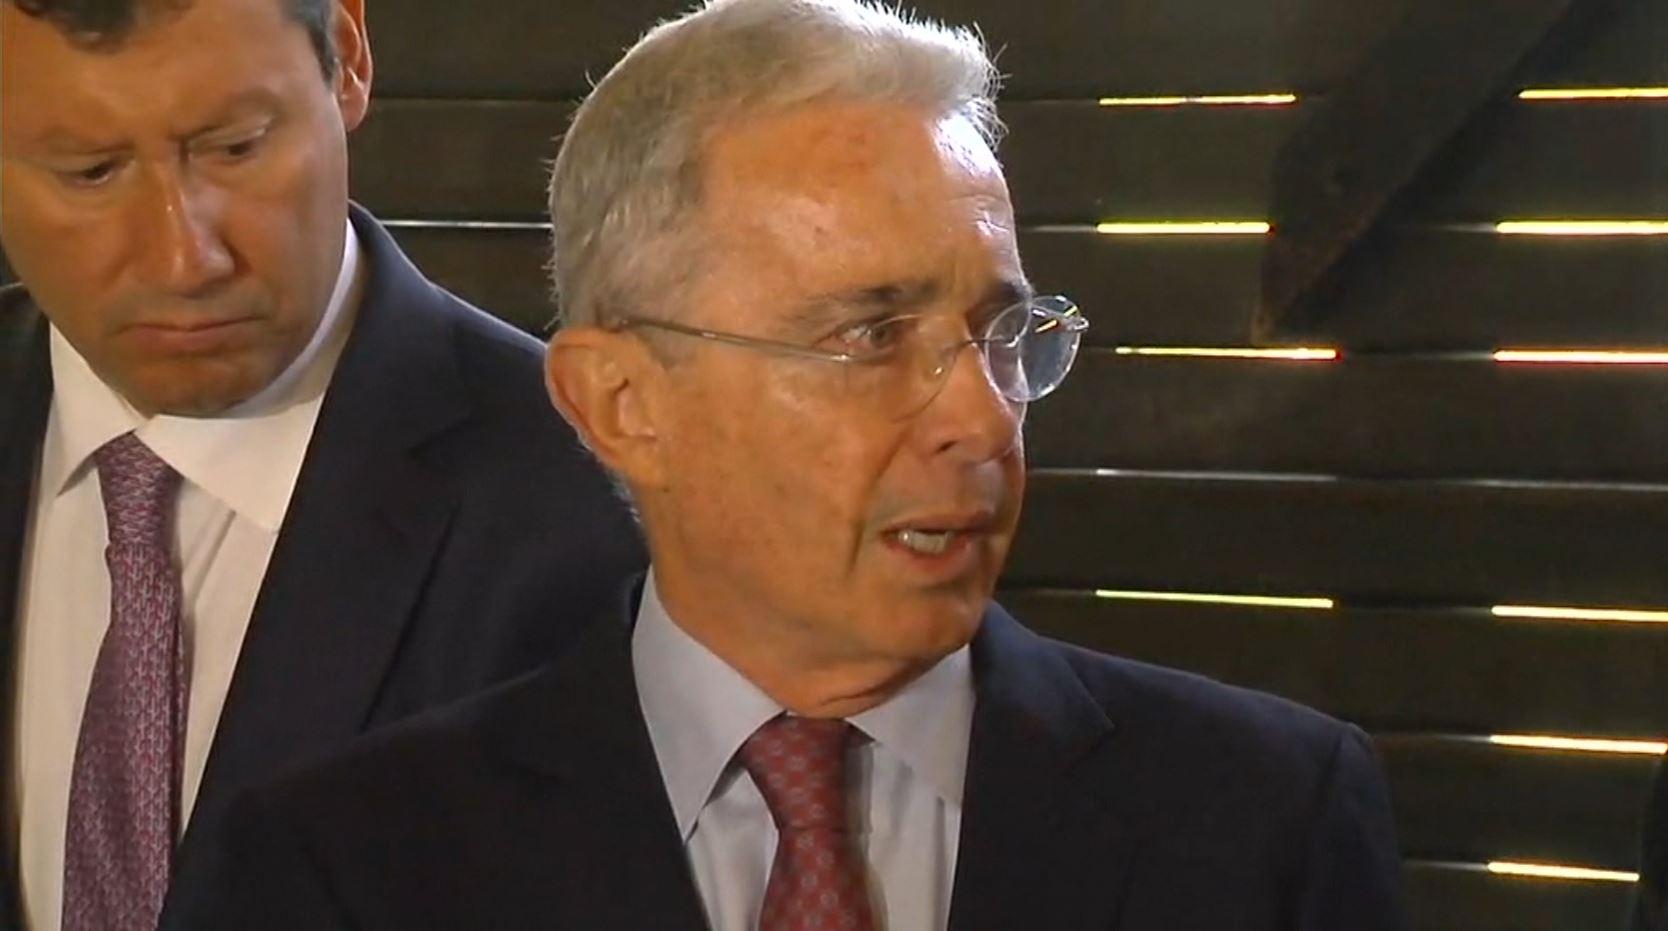 La tutela contra Uribe por bloquear a un ciudadano en Twitter llegó a las altas Cortes